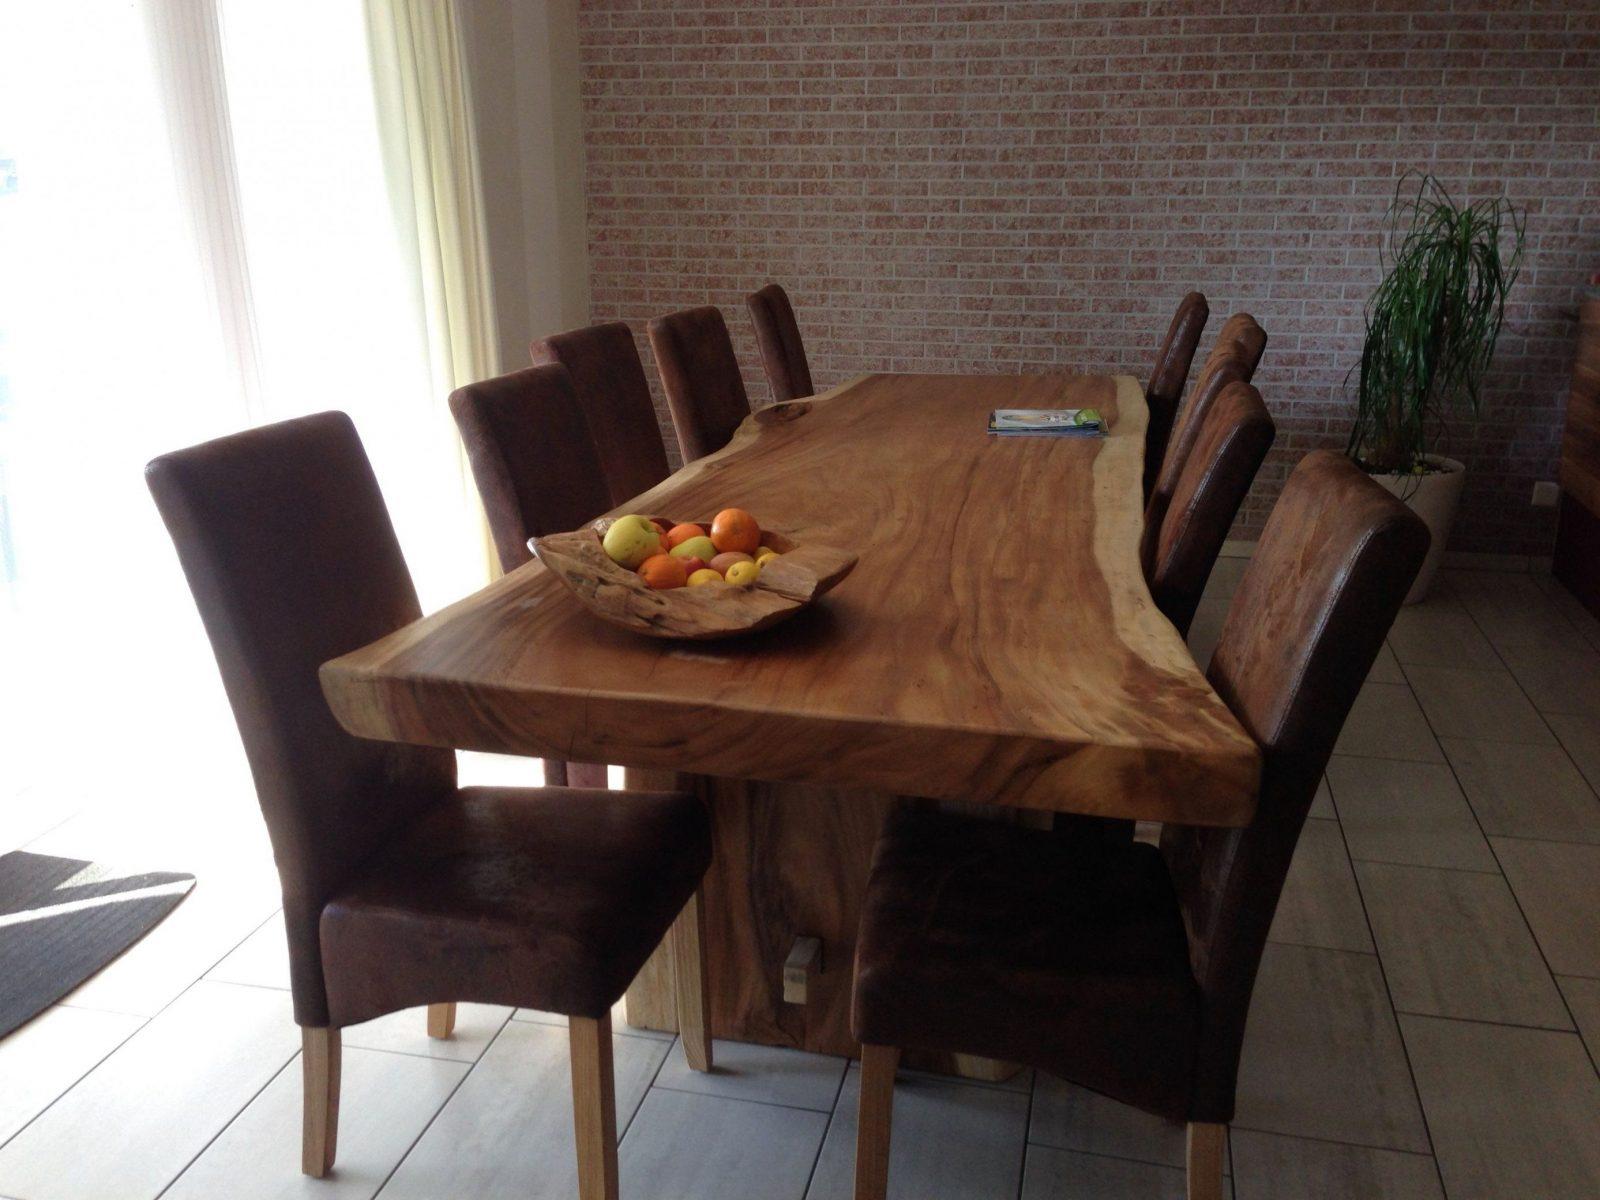 Runder Esstisch Für 8 Personen 2017  Zuhause Inspiration Design von Quadratischer Esstisch Für 8 Personen Bild